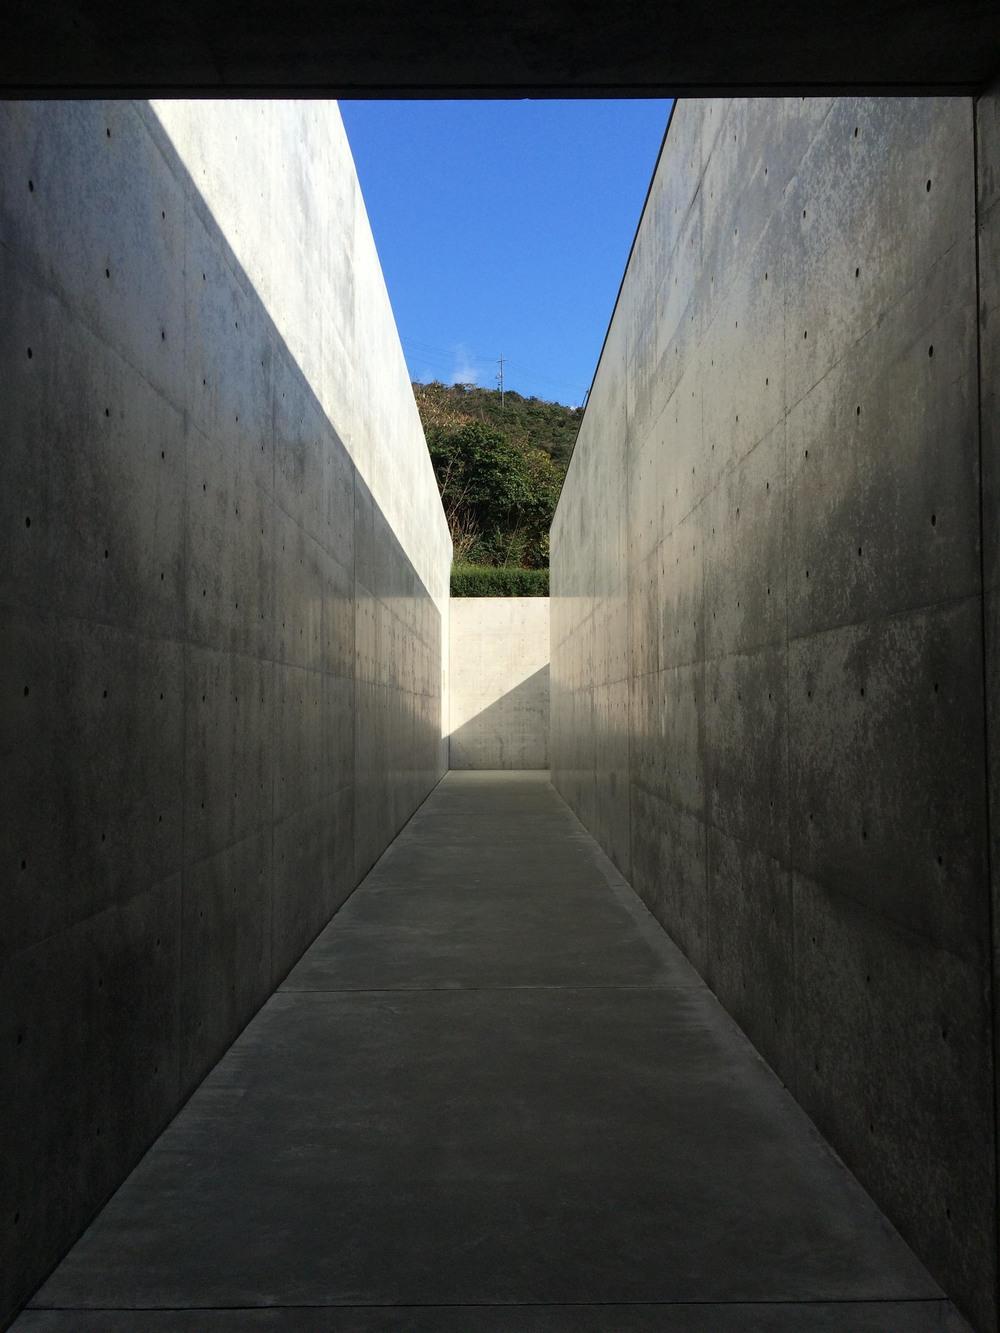 『   ......    進入內部依舊是由許多狹長的走道與豁然開朗的空間構成,李禹煥希望美術館像洞窟一般,能夠看到半開放的天空,於是偶開的天窗就與        藝術品    產生互動,也有一種讓人回歸事物最原始的純粹情感 ......』